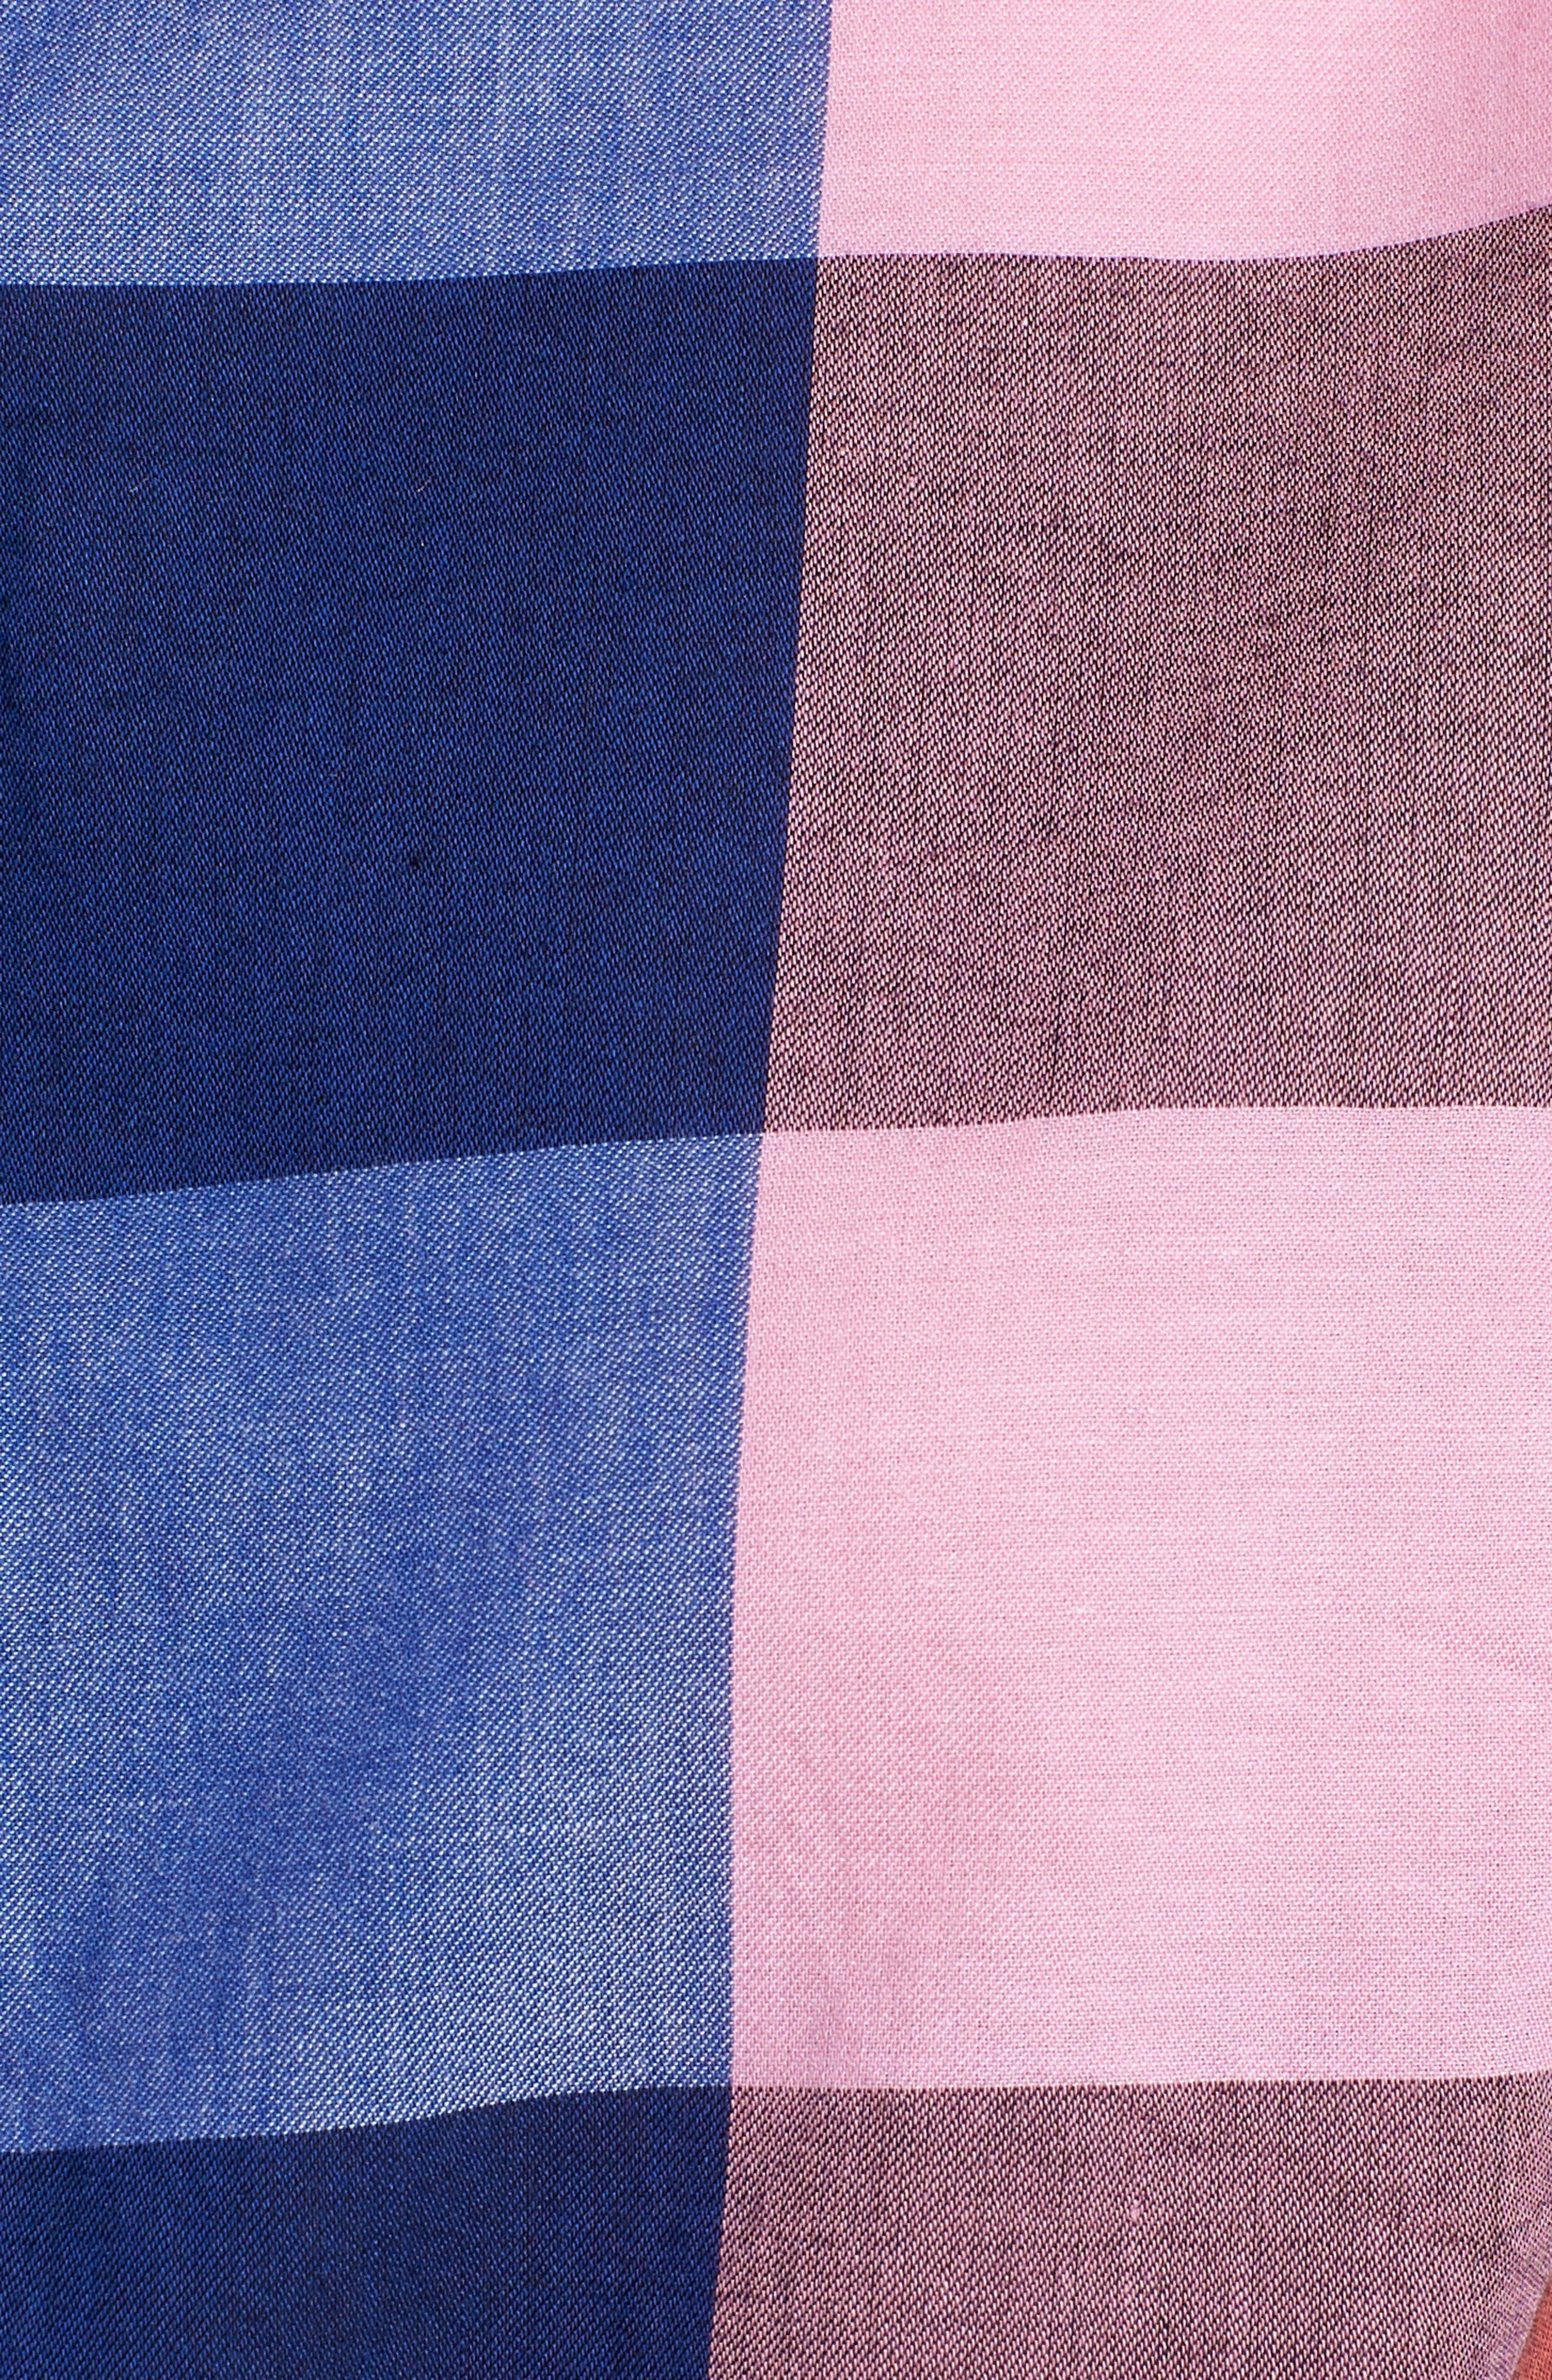 Plaid Cotton Button-Down Shirt,                             Alternate thumbnail 5, color,                             Blue- Pink Plaid